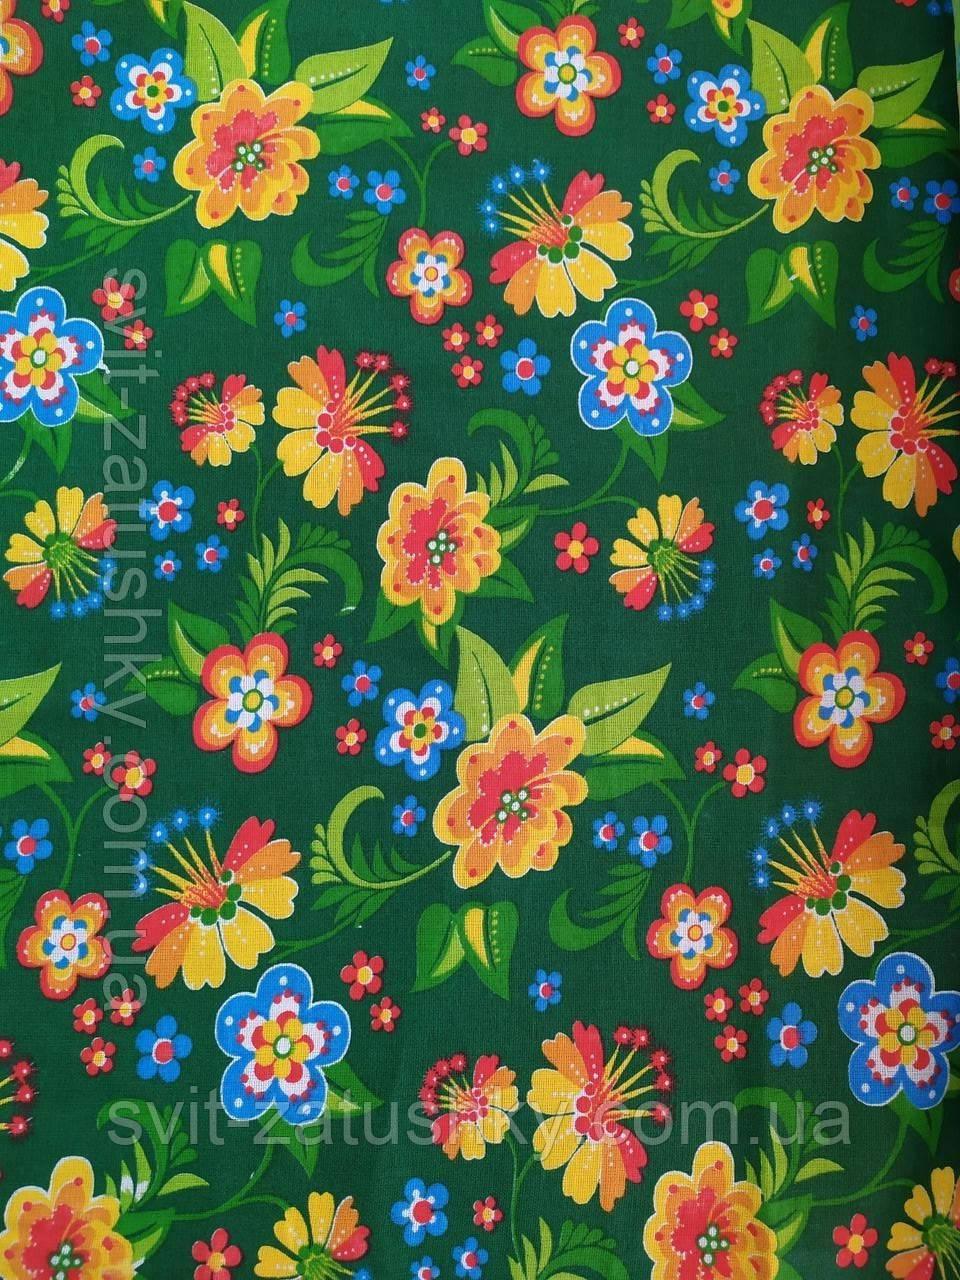 Ситец плательный, халатный: цветы на зеленом фоне  шириной 80 см.